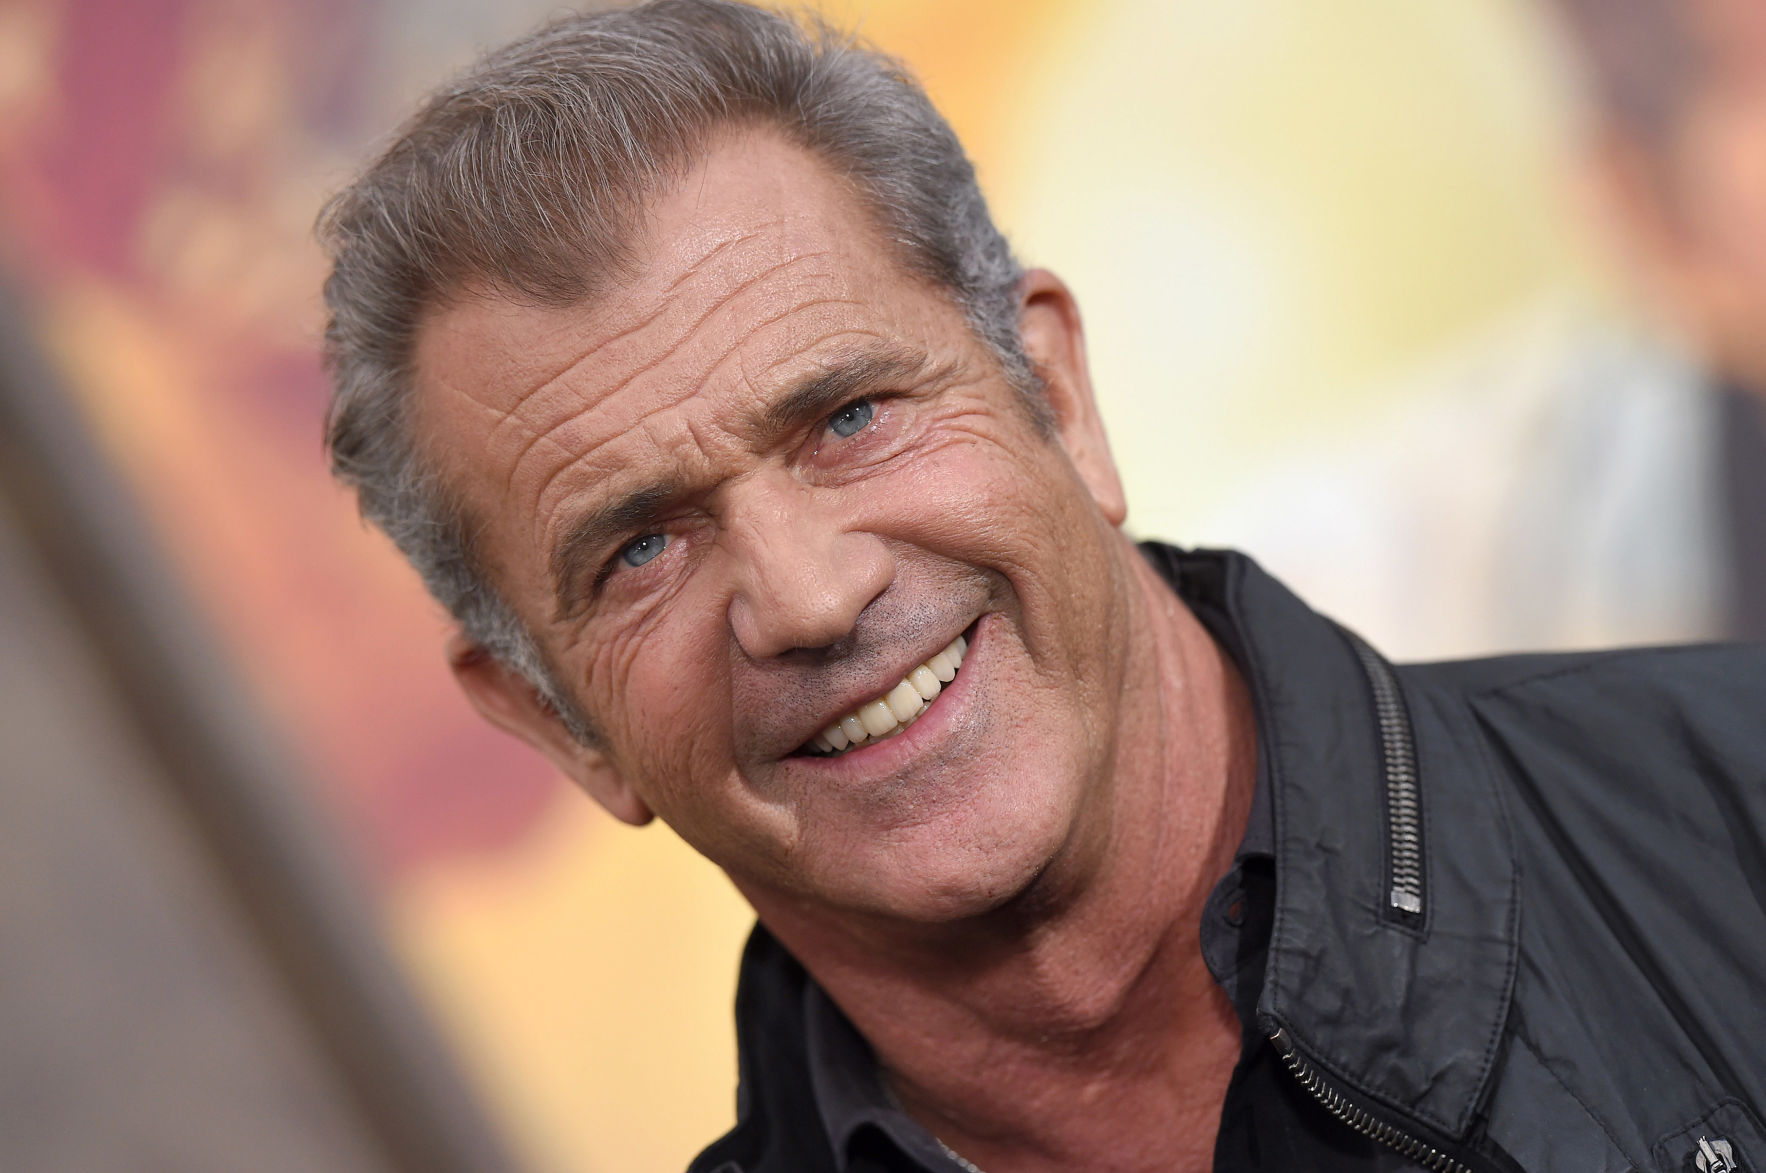 En la Isla Mel Gibson